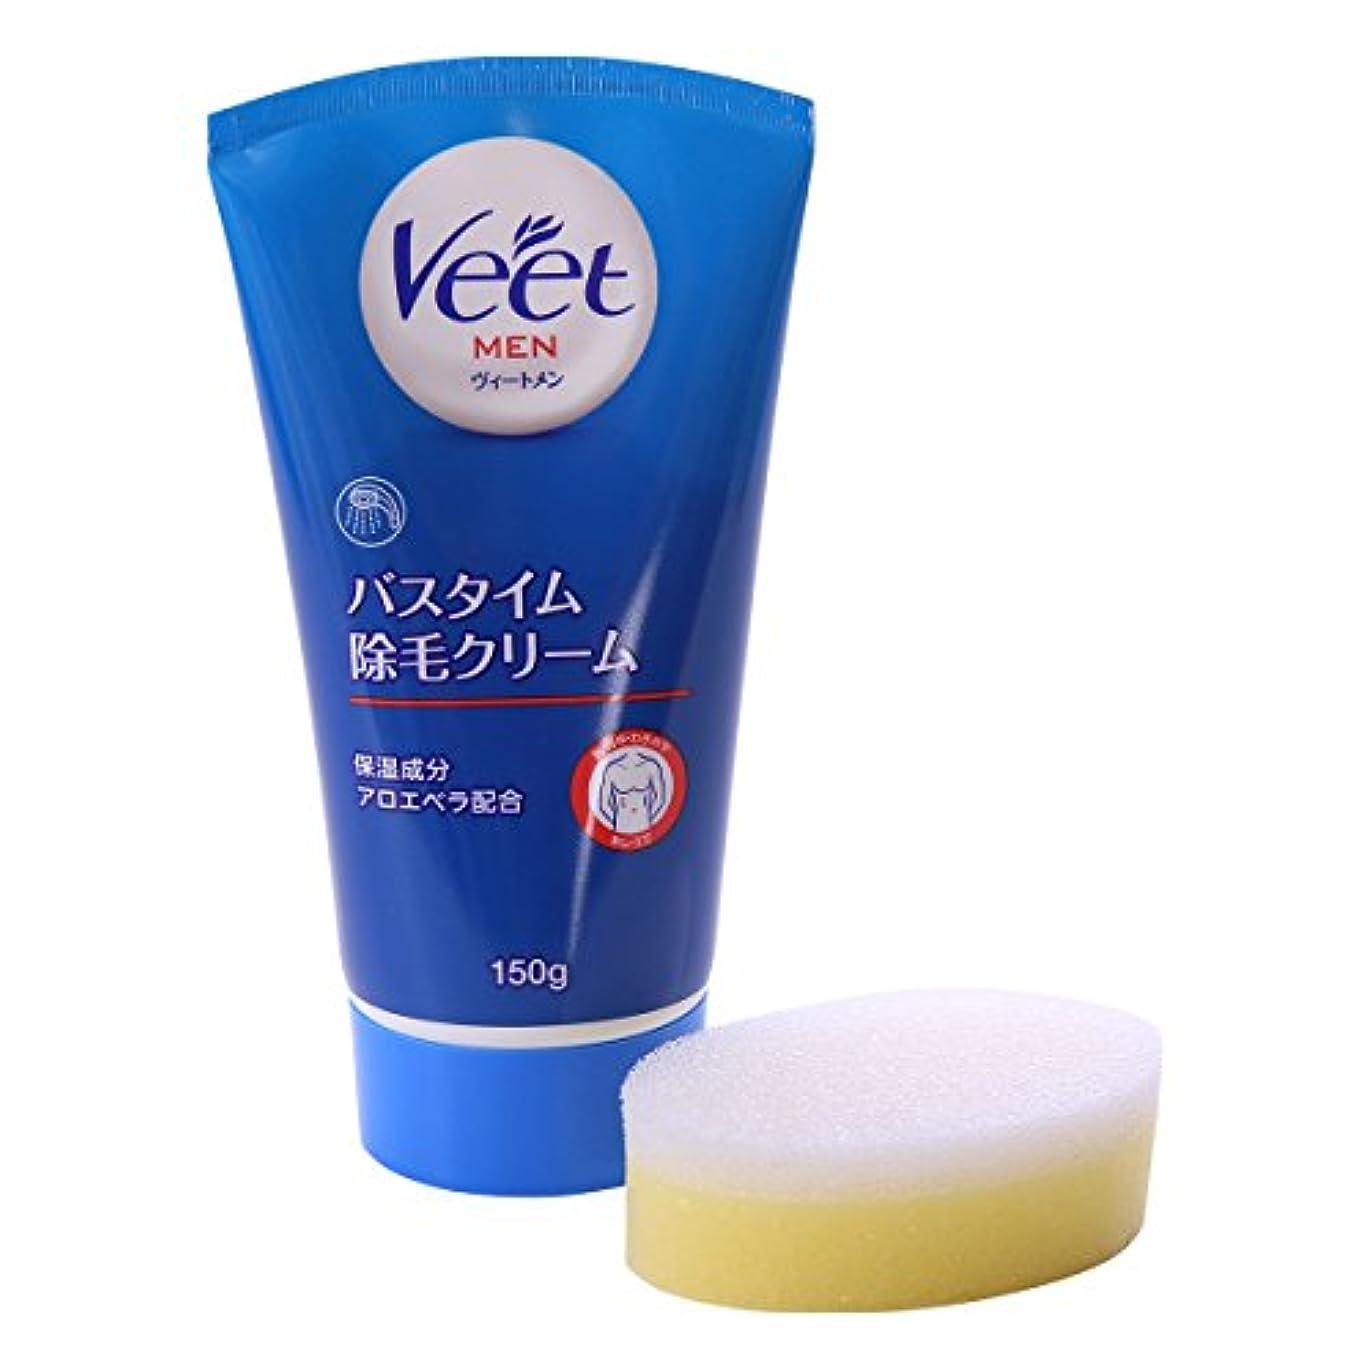 天の大きさ(ヴィート)Veet メンズ バスタイム 除毛クリーム あし うで 胸 背中 わきの下